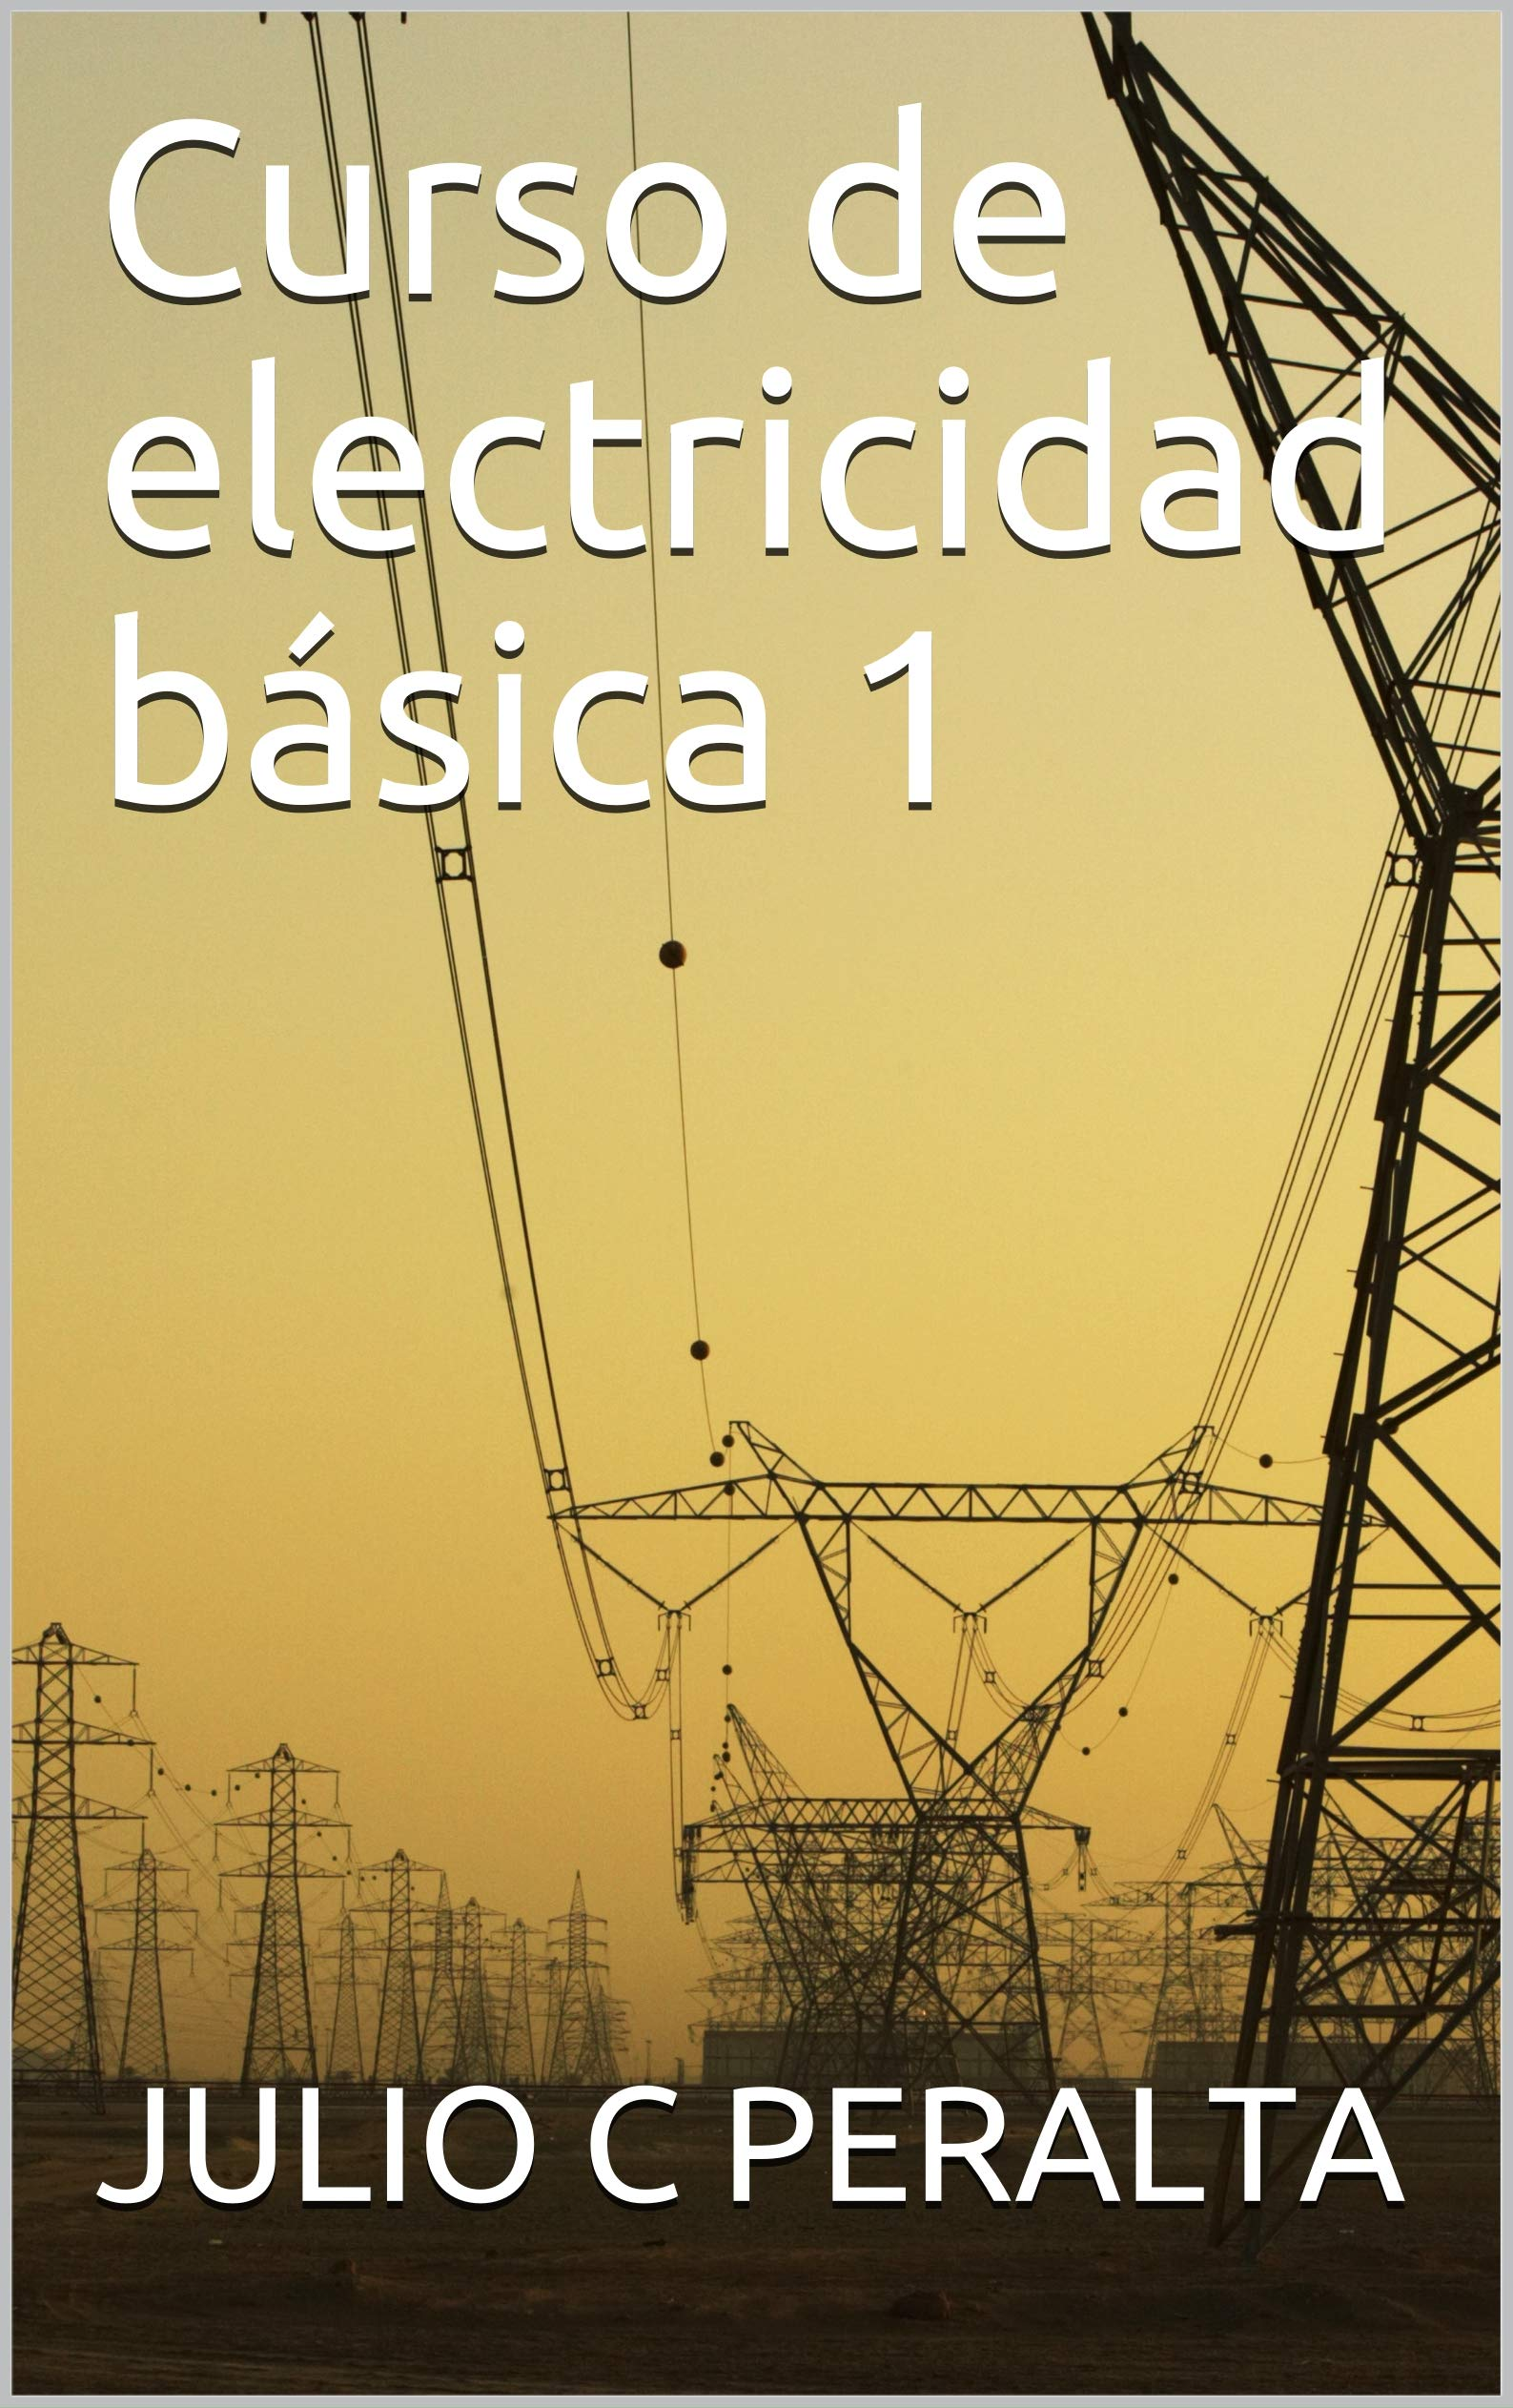 Curso de electricidad básica 1